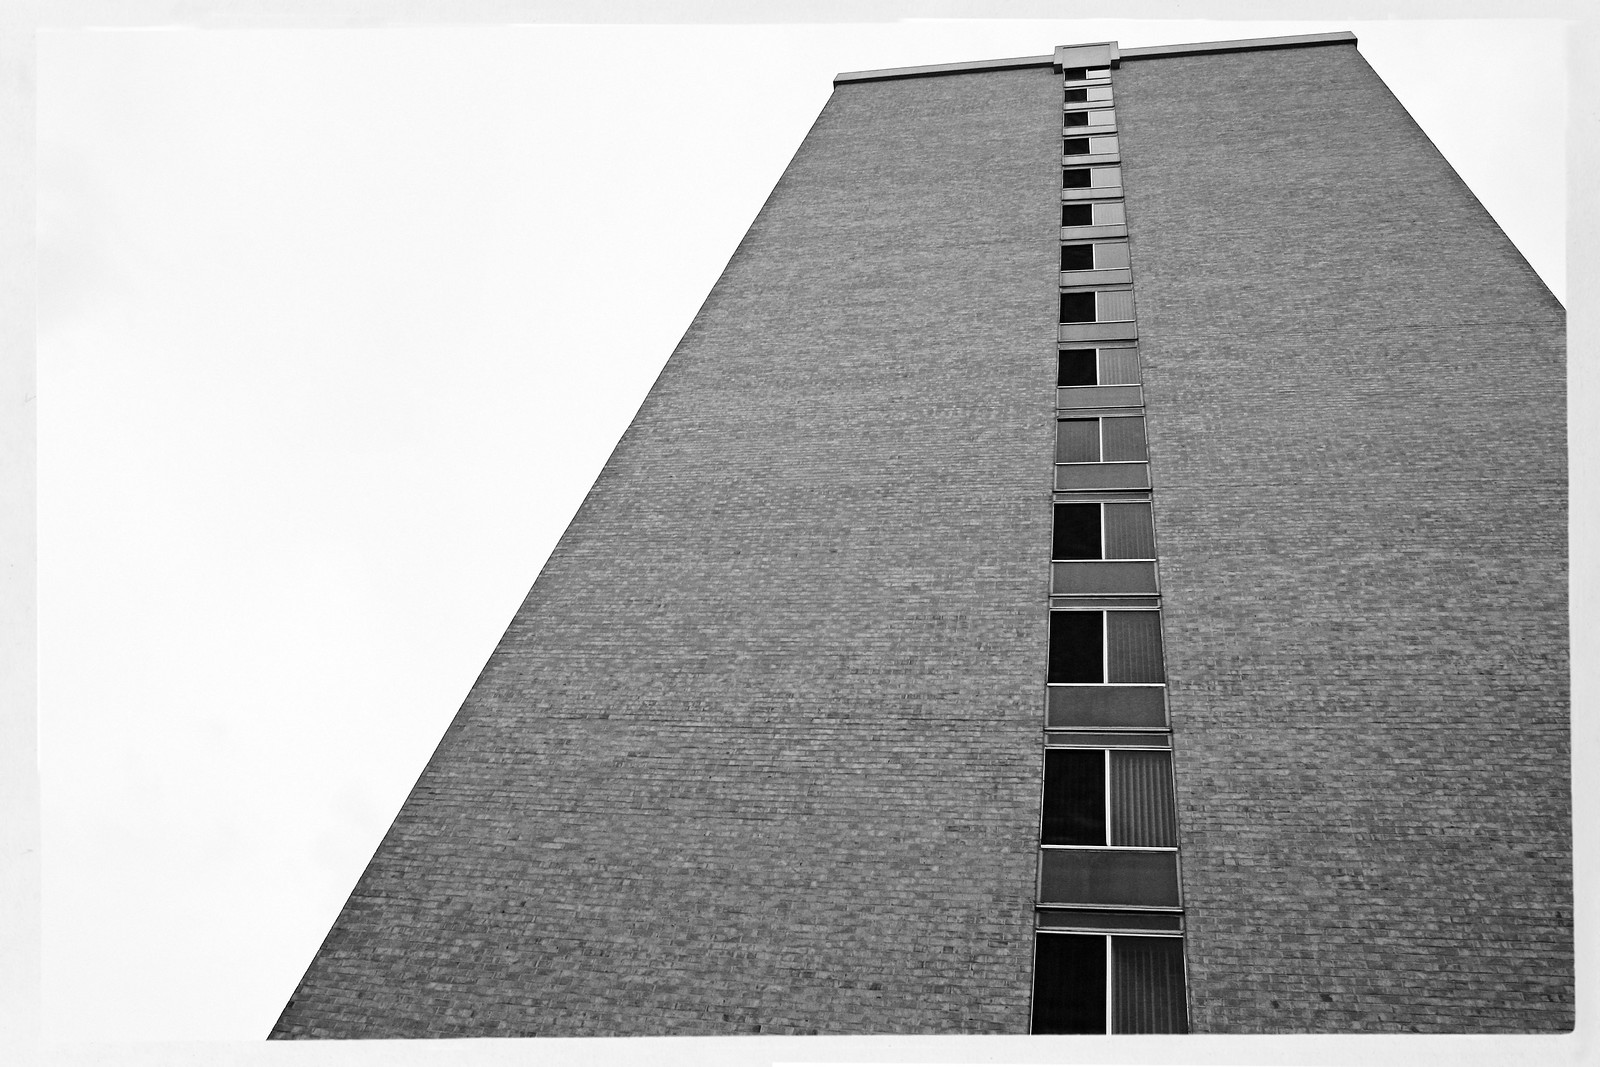 Midtown Skyscraper, Atlanta, GA